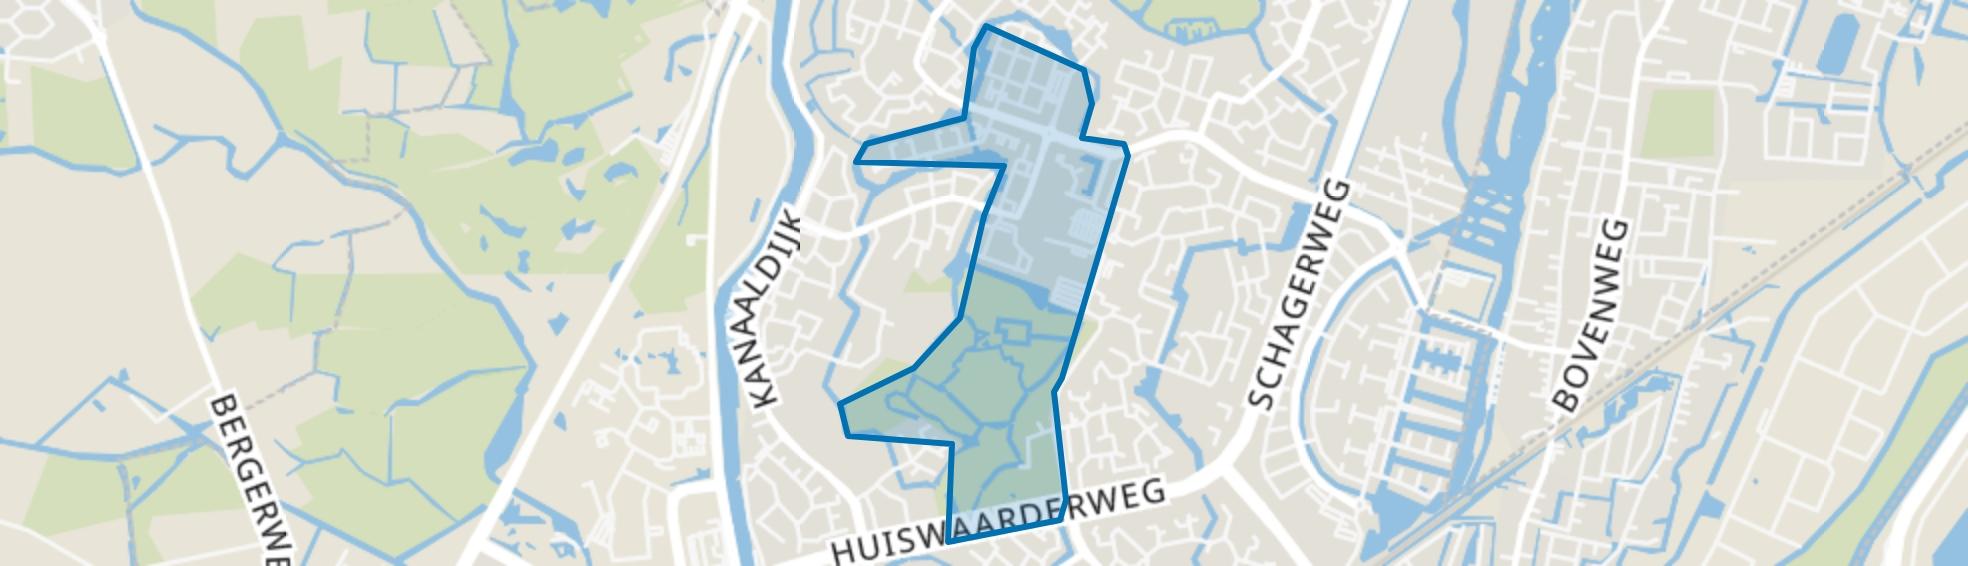 De Mare, Alkmaar map